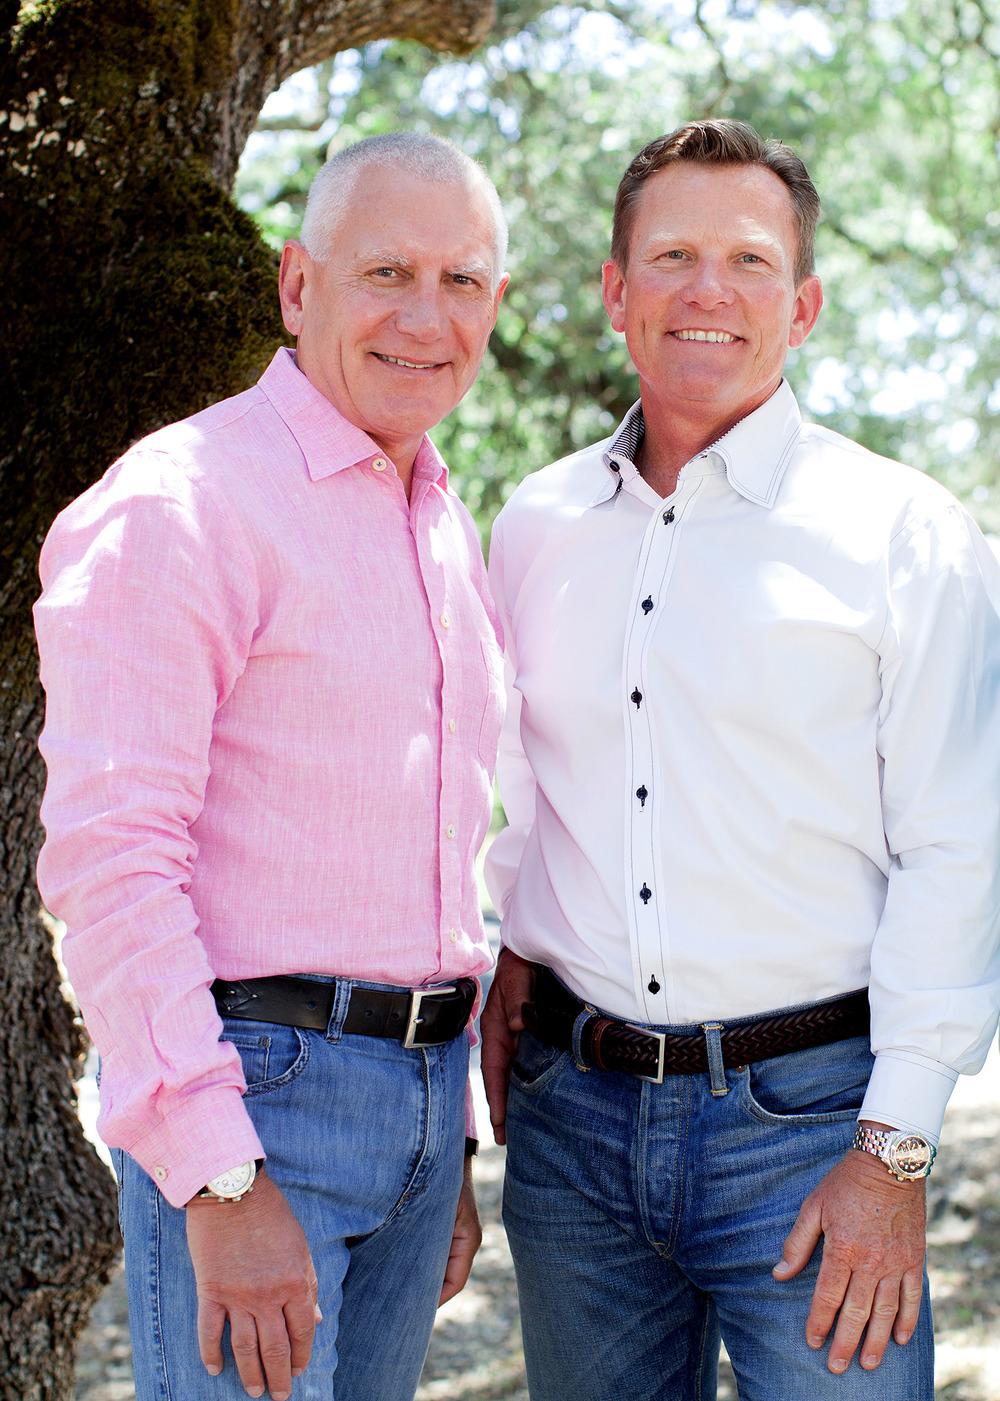 Paul & Jeff